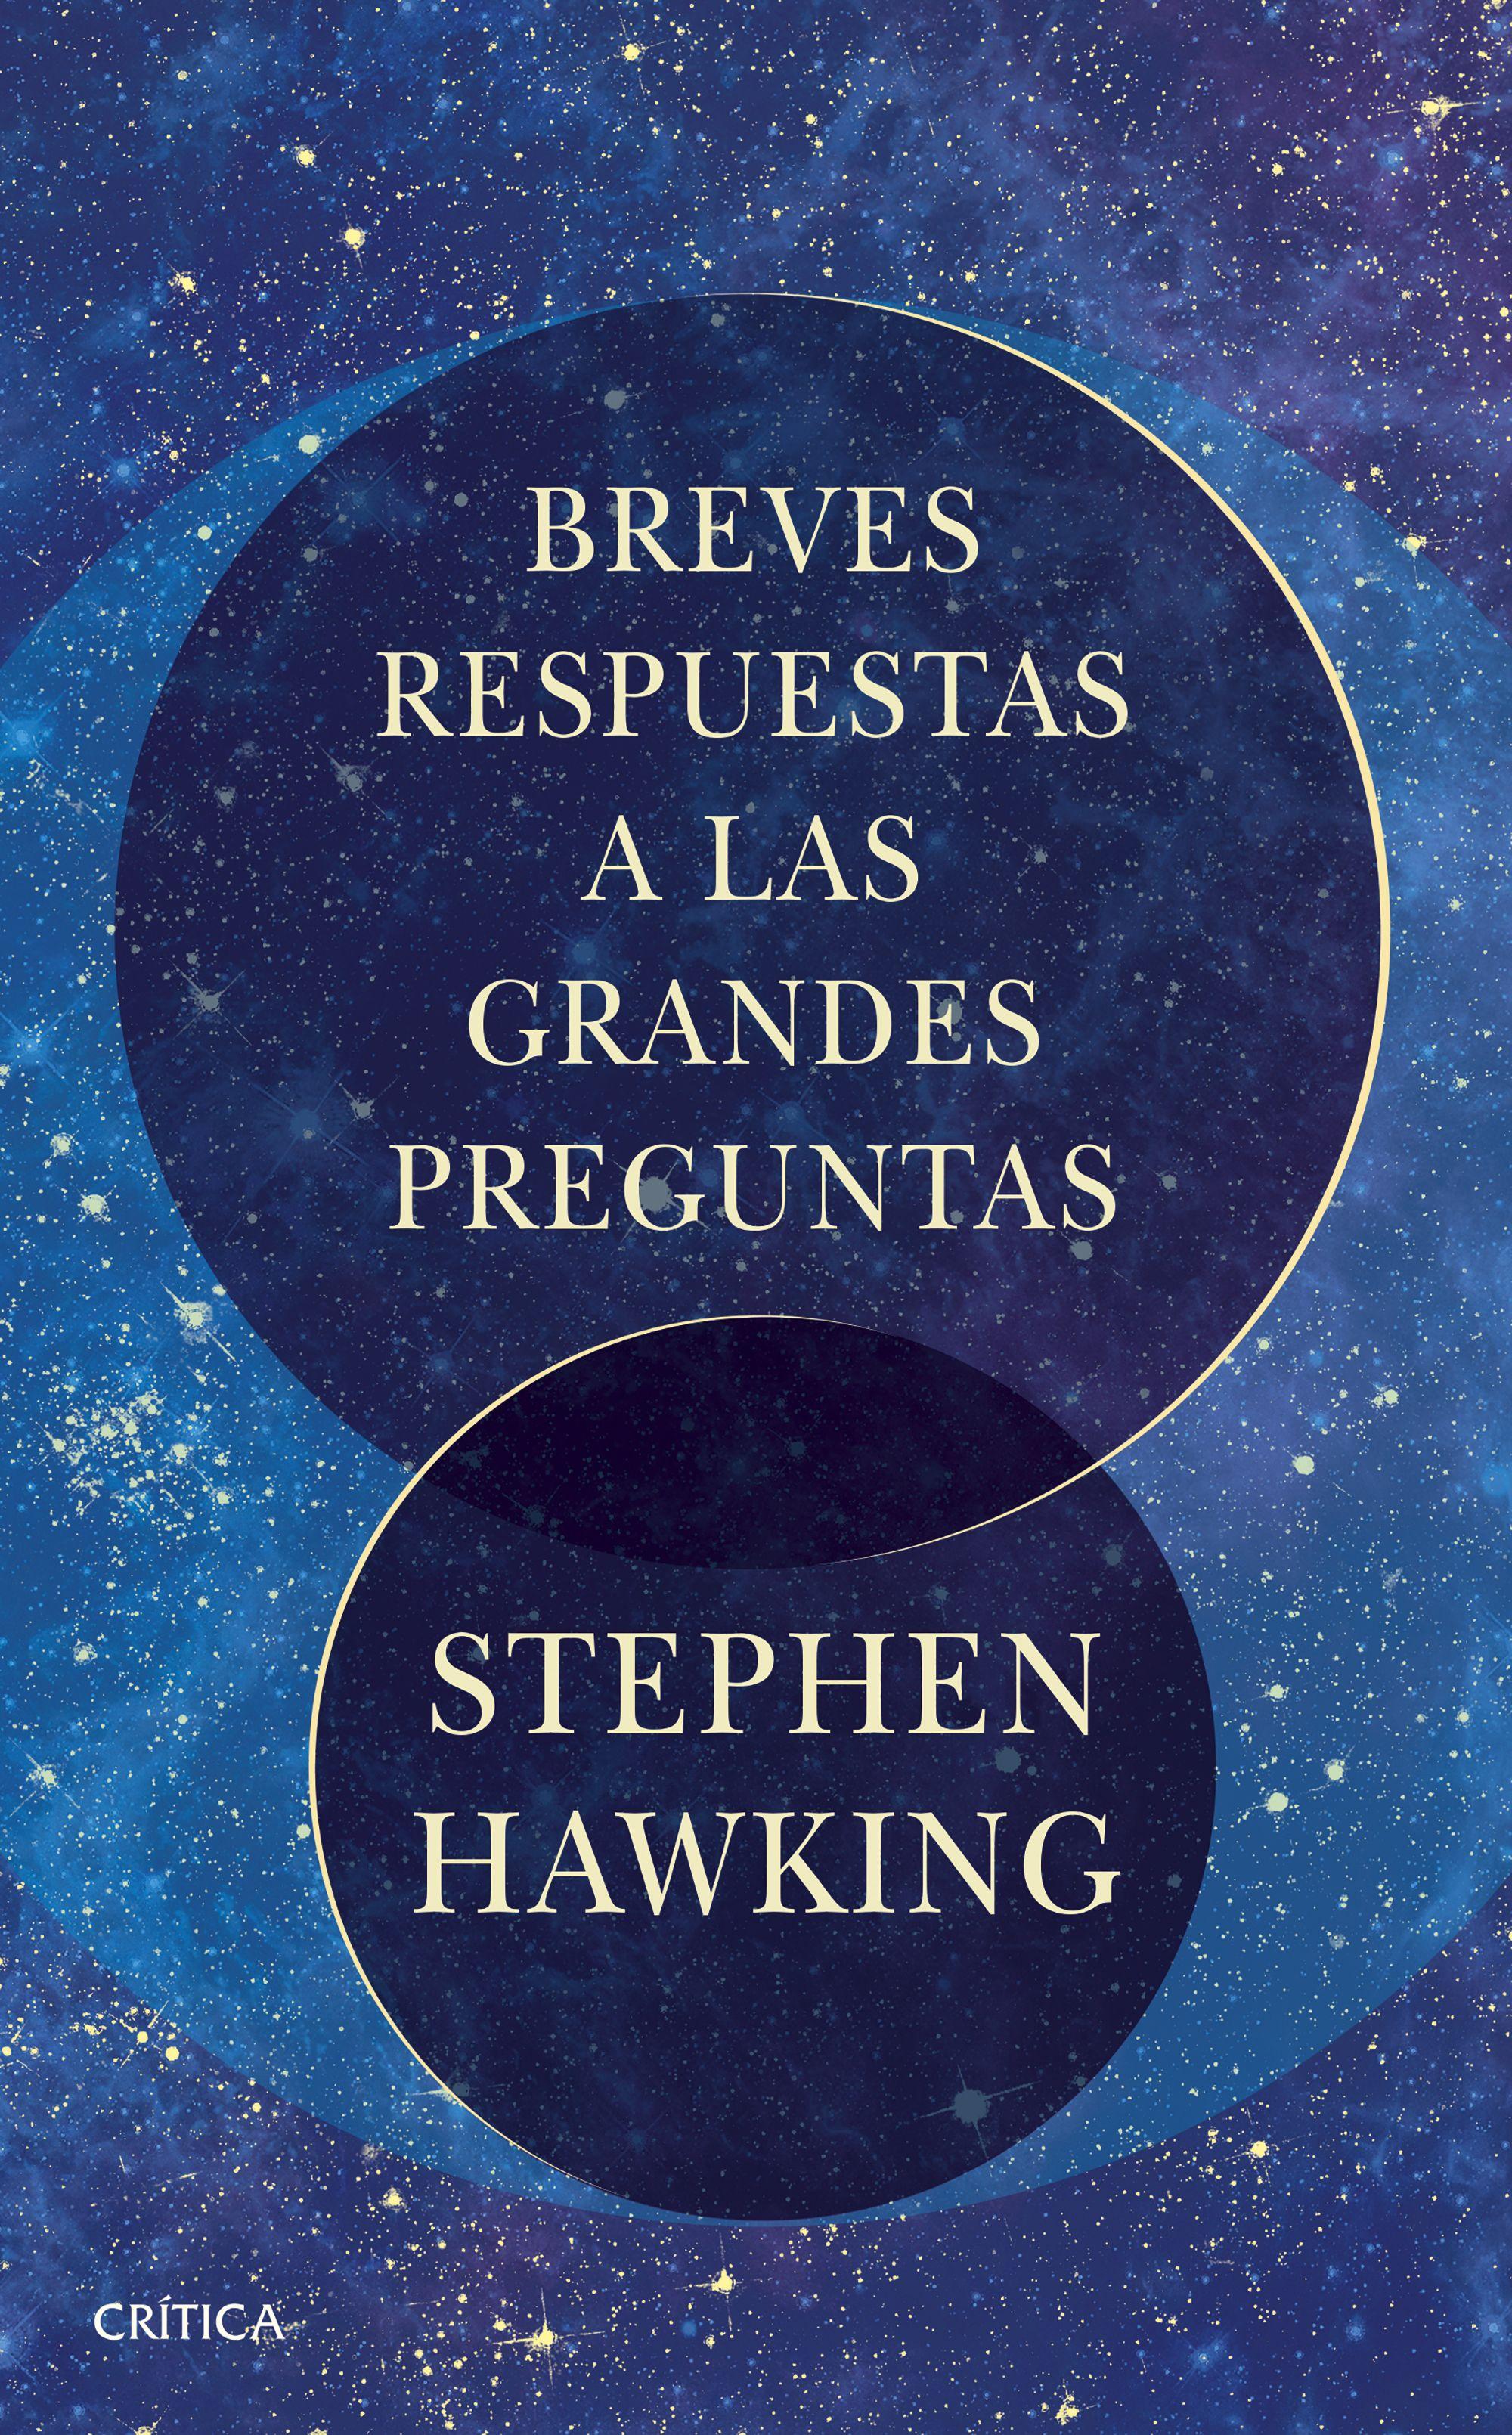 Breves Respuestas a las Grandes Preguntas - Stephen Hawking - Crítica